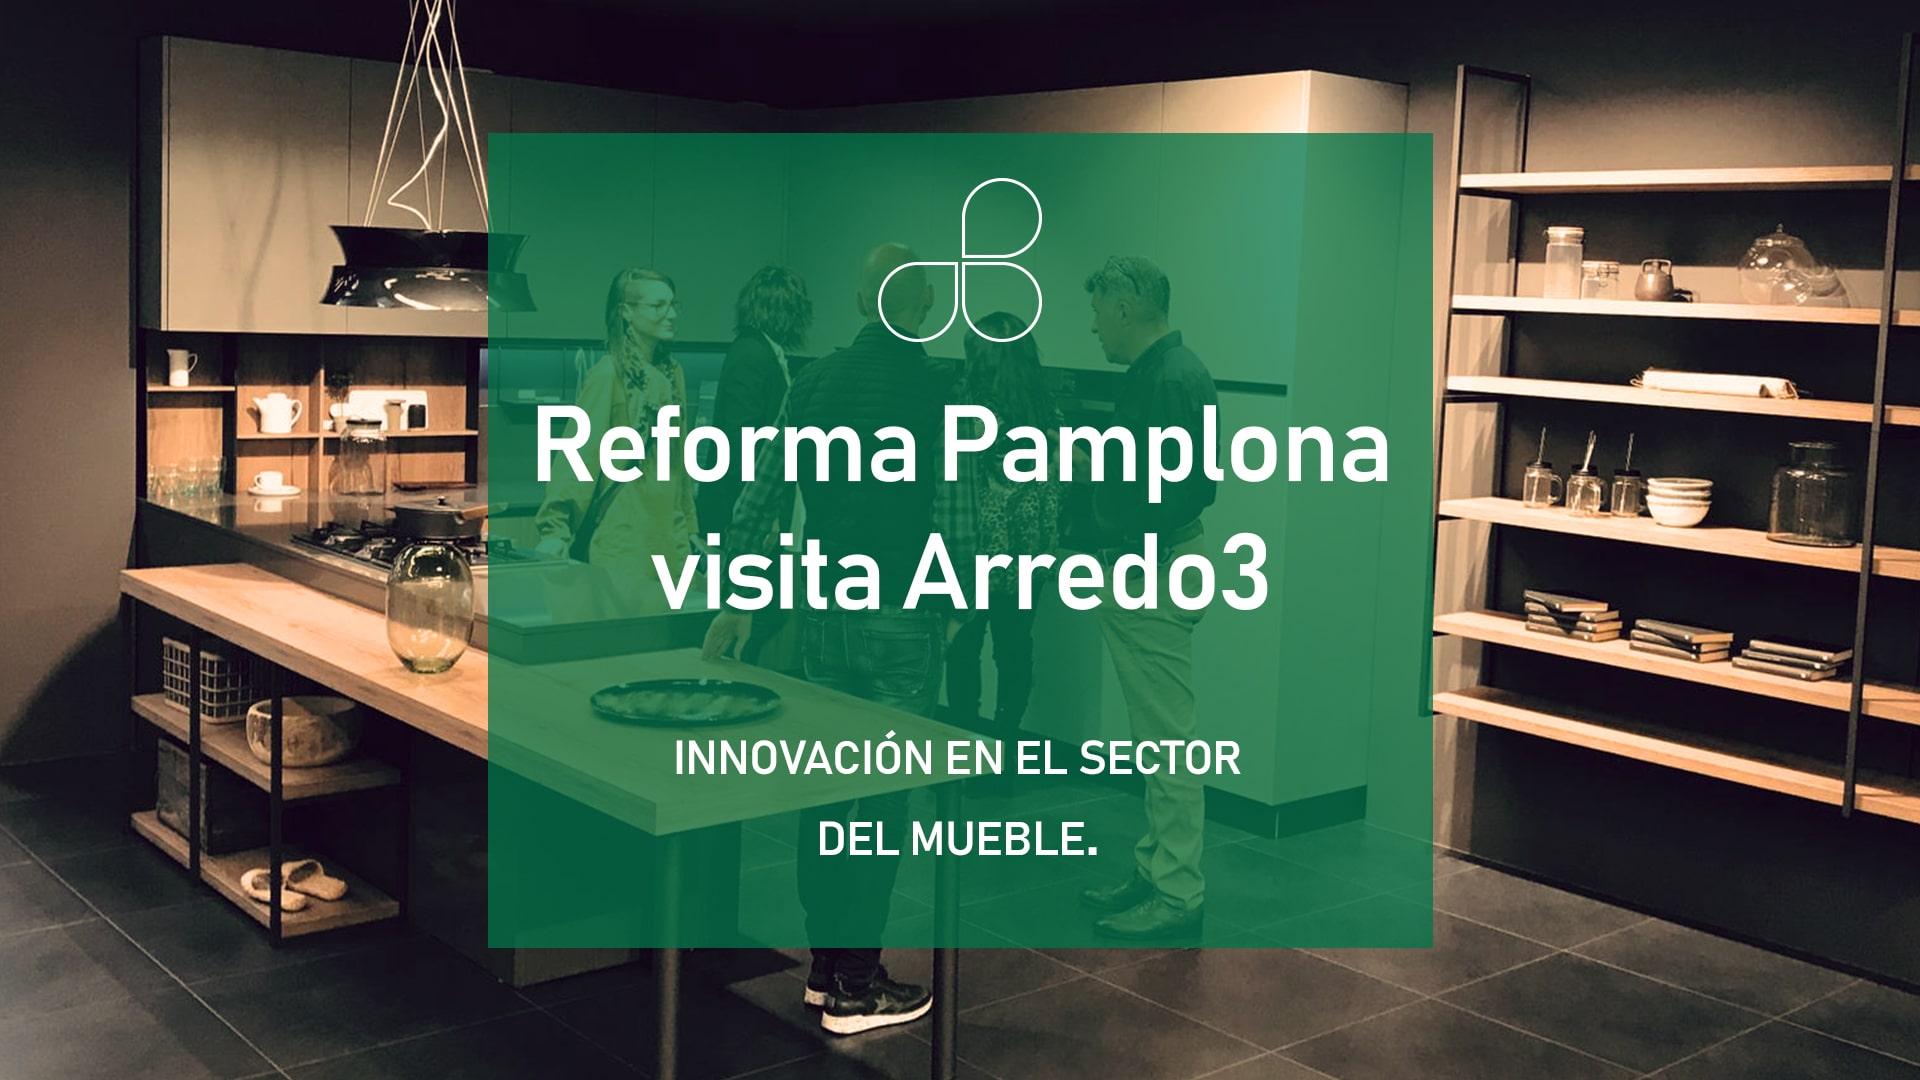 Reforma Pamplona visita Arredo3